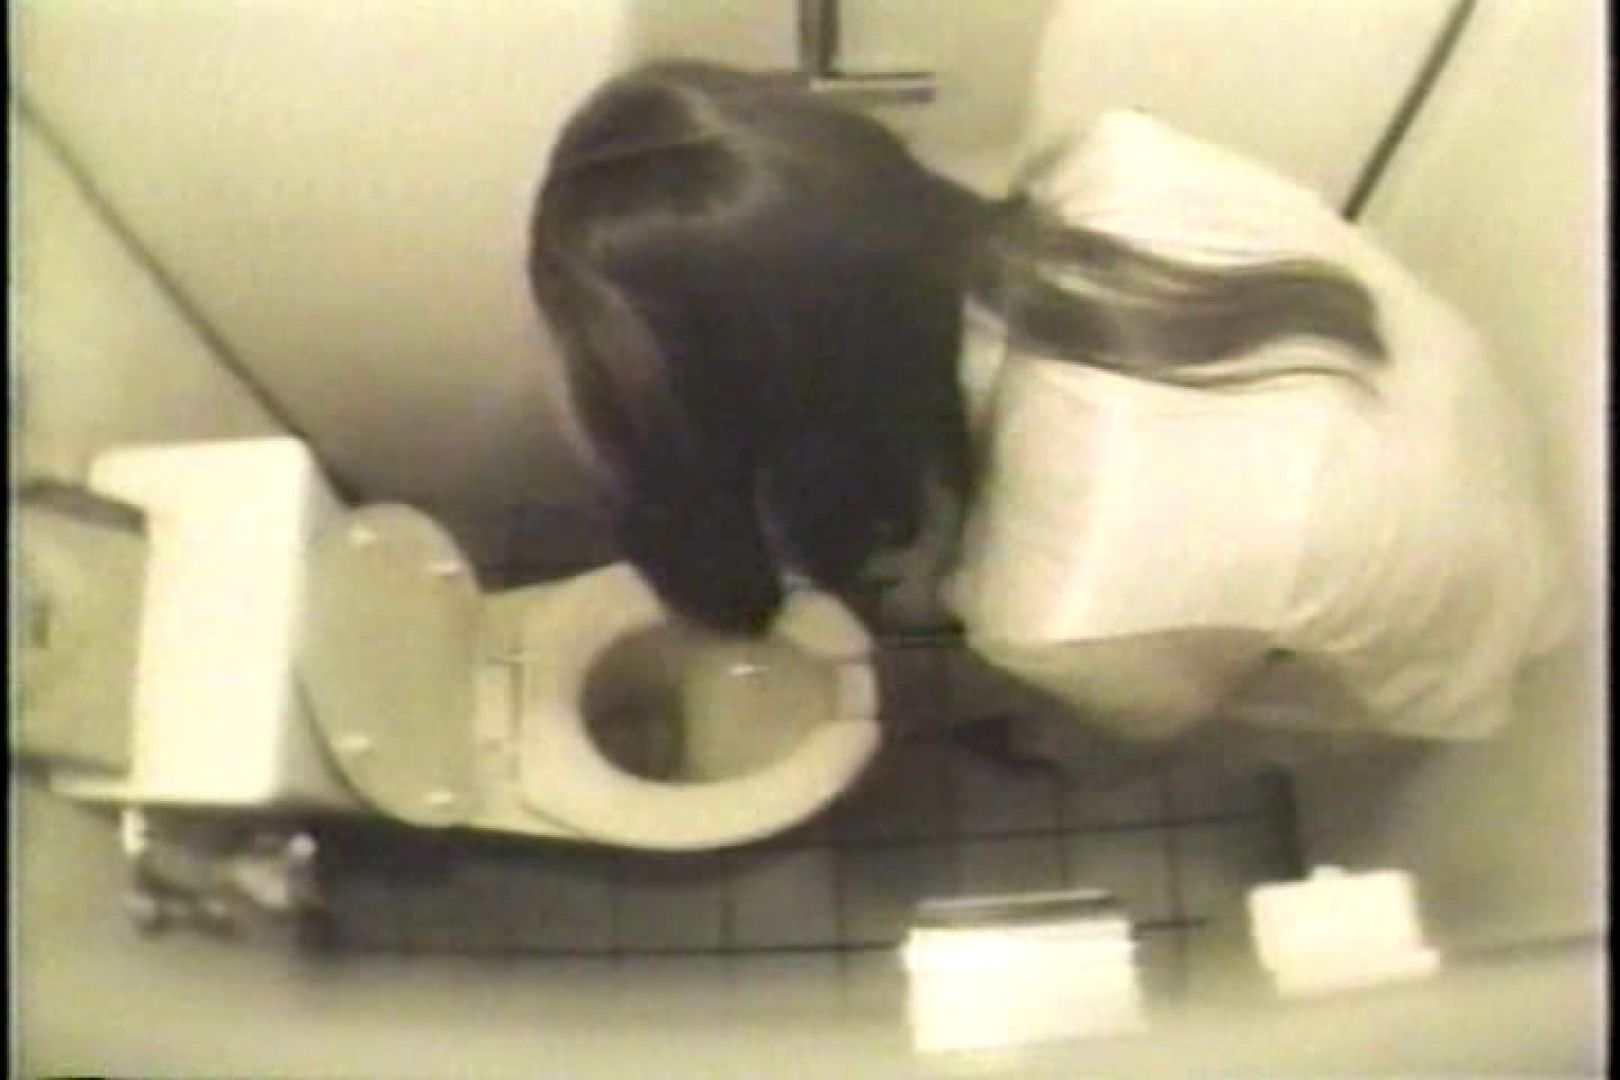 盗撮 女子洗面所3ヶ所入ってしゃがんで音出して プライベート  67pic 64